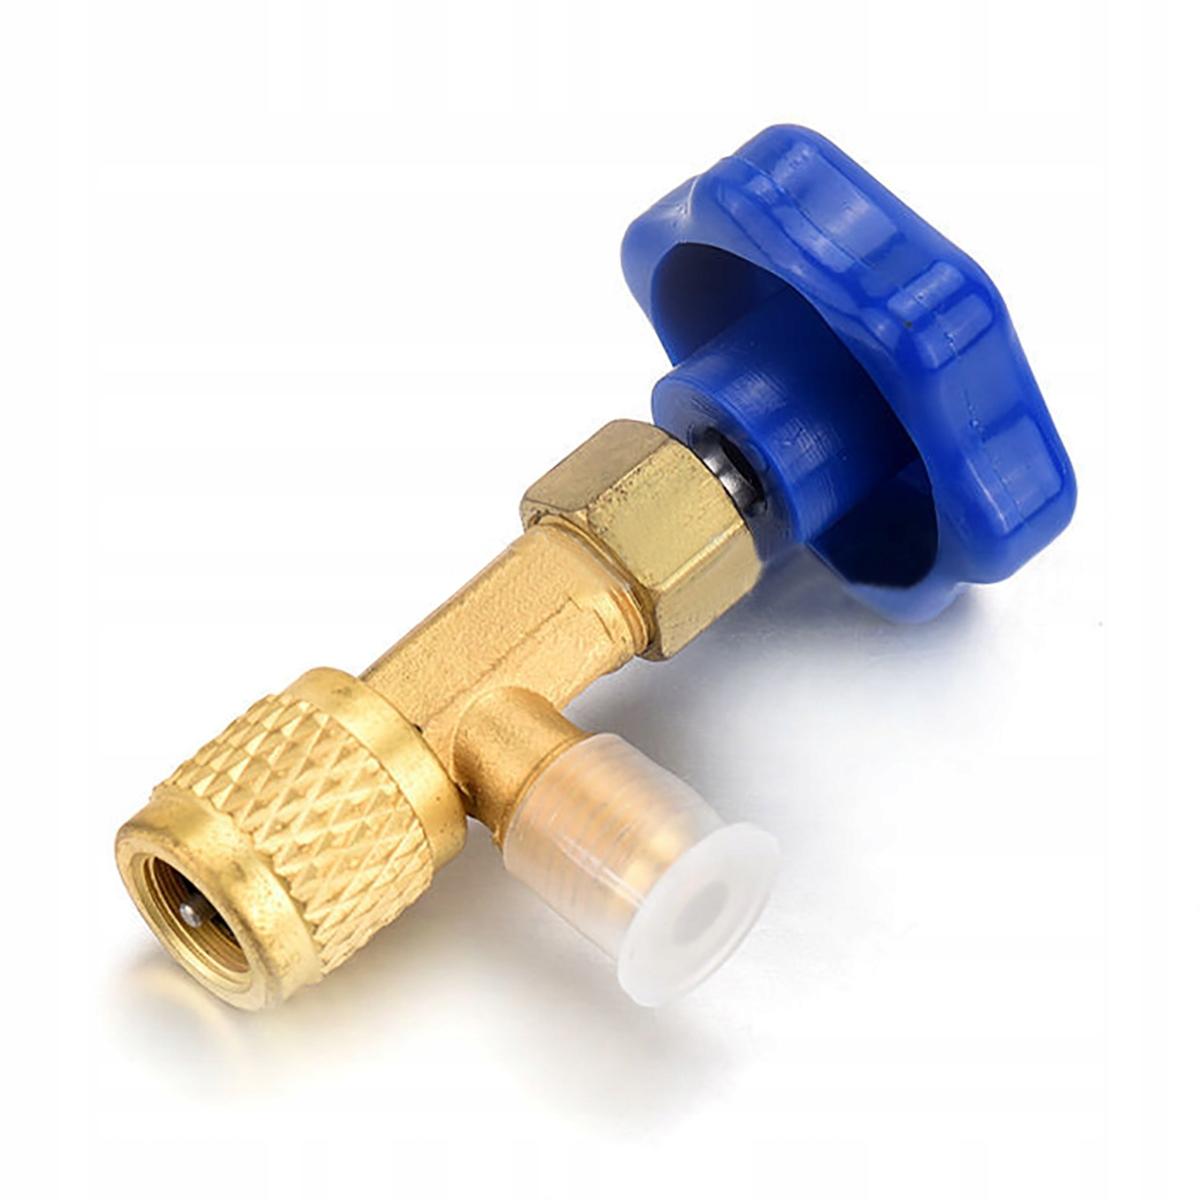 Zawór zaworek butli gaz izobutan R600A R290 butan